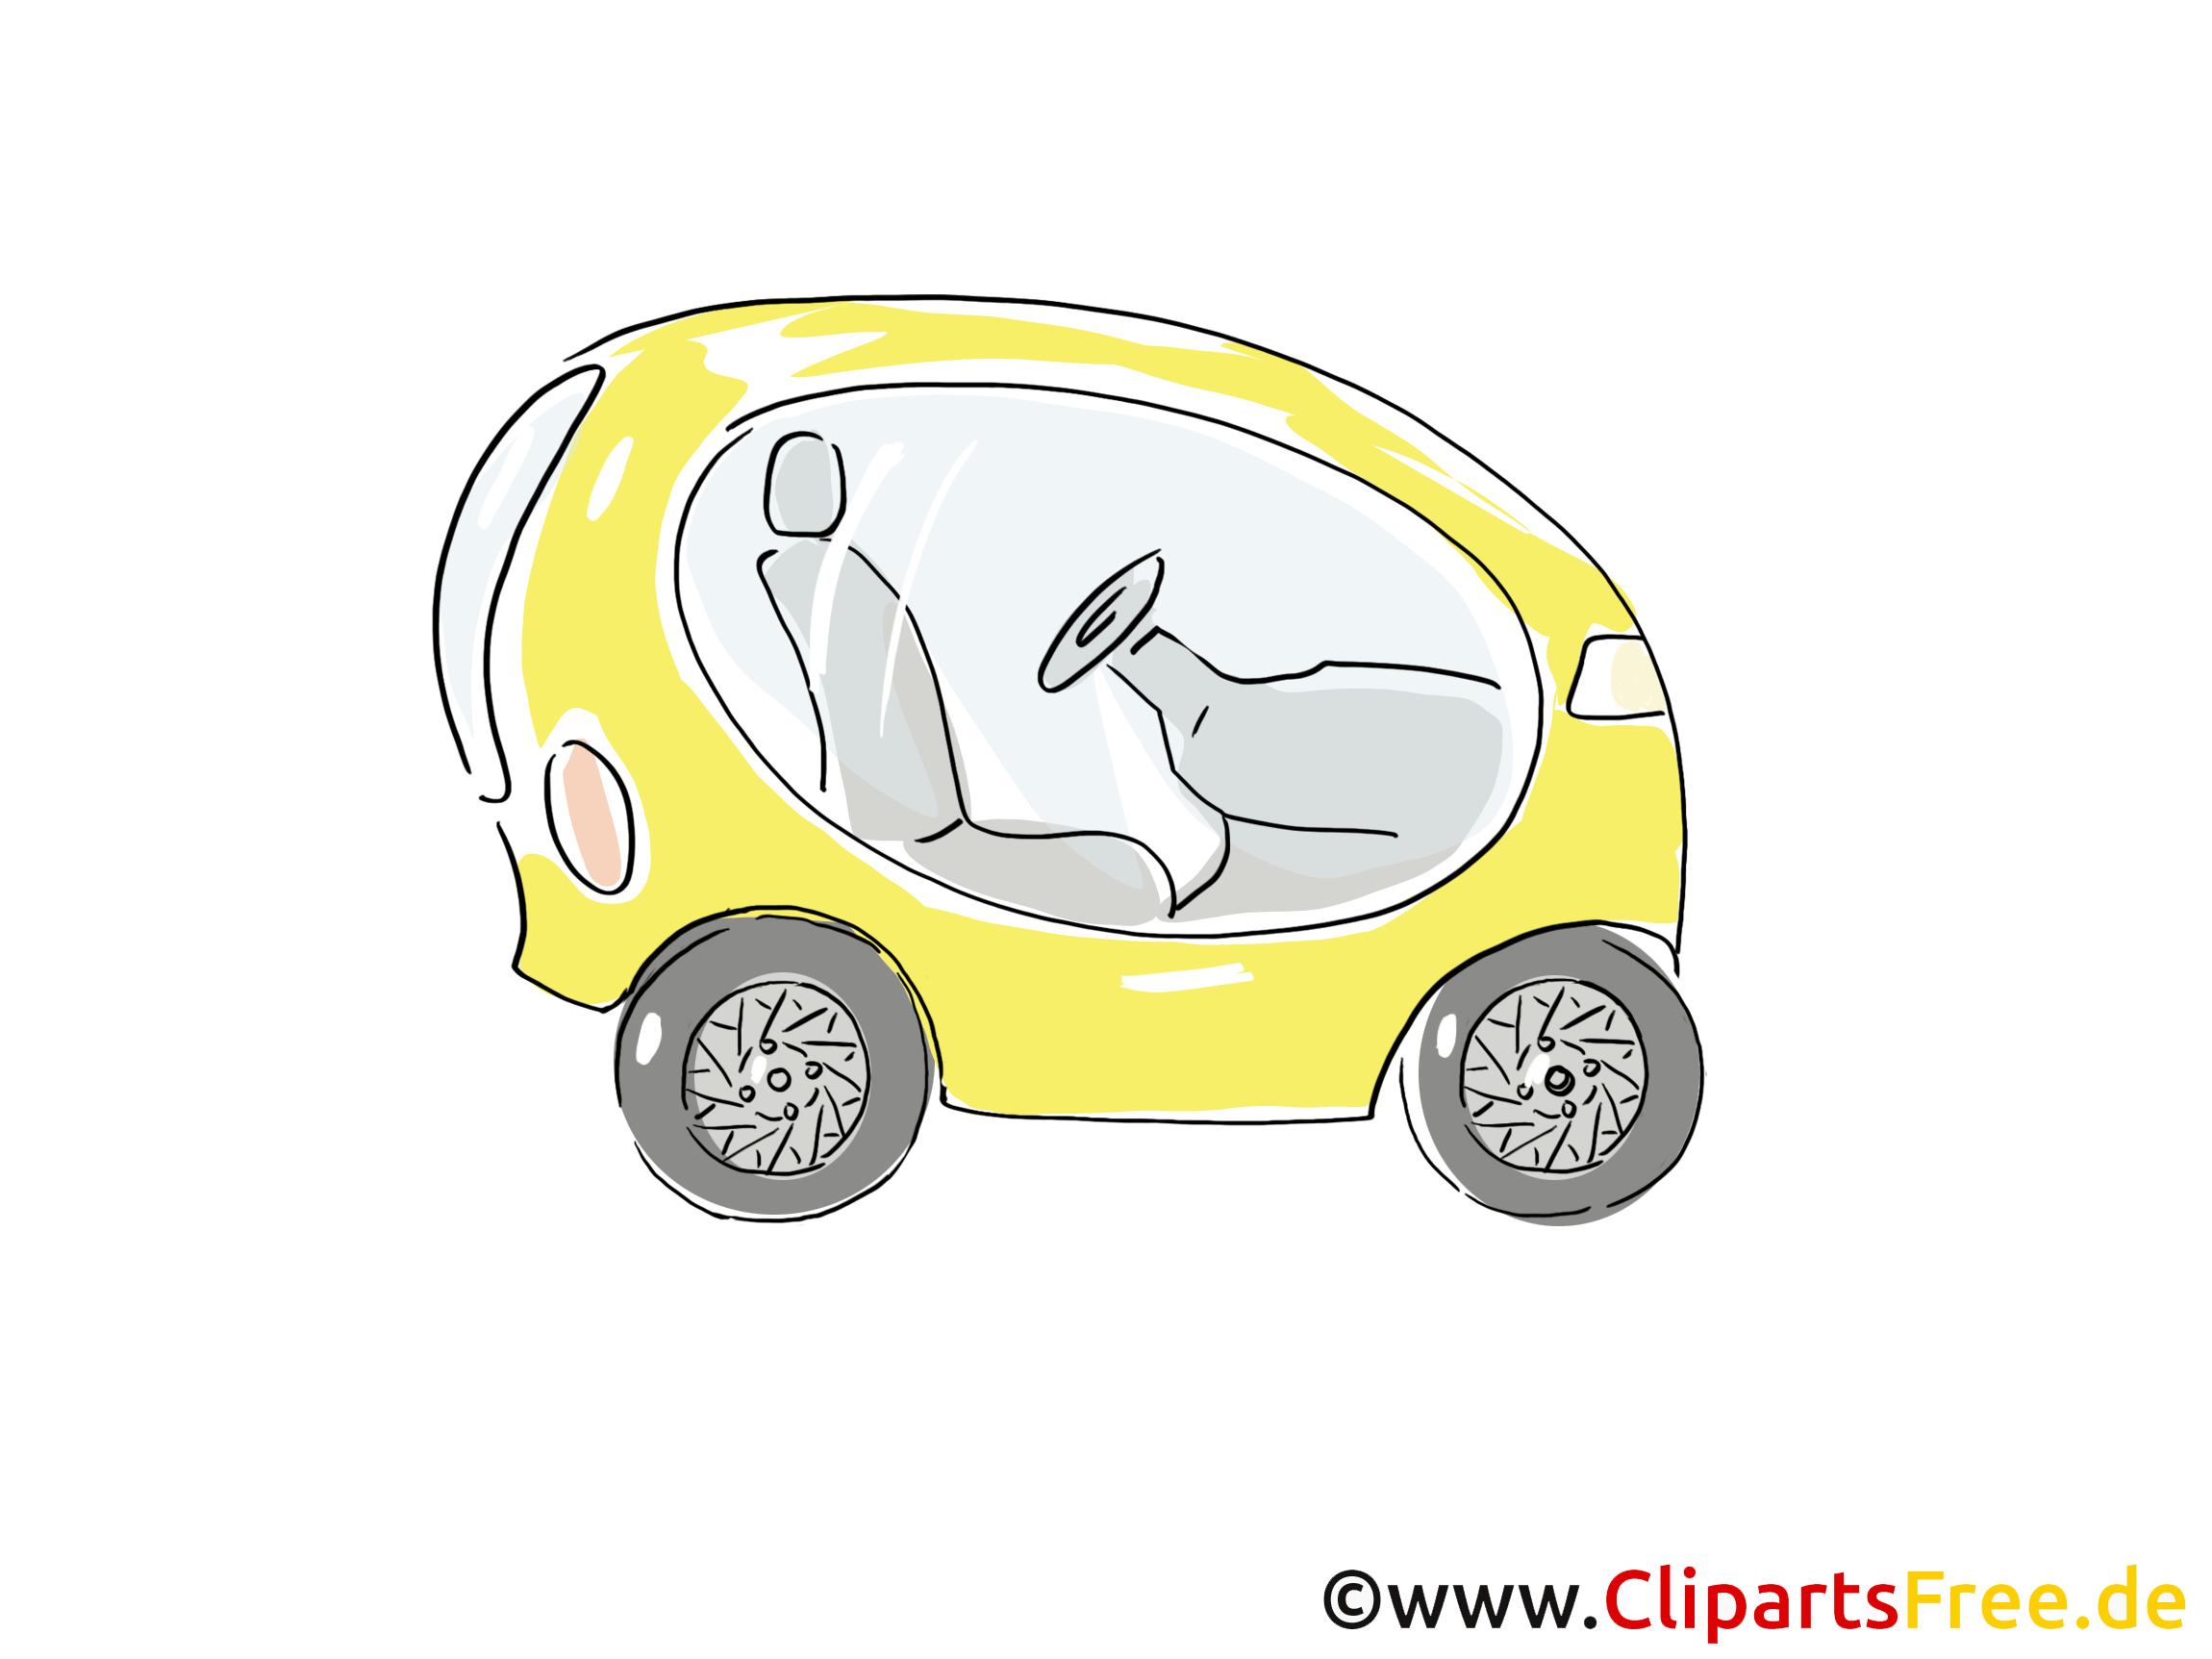 Concept-car images clip art gratuit